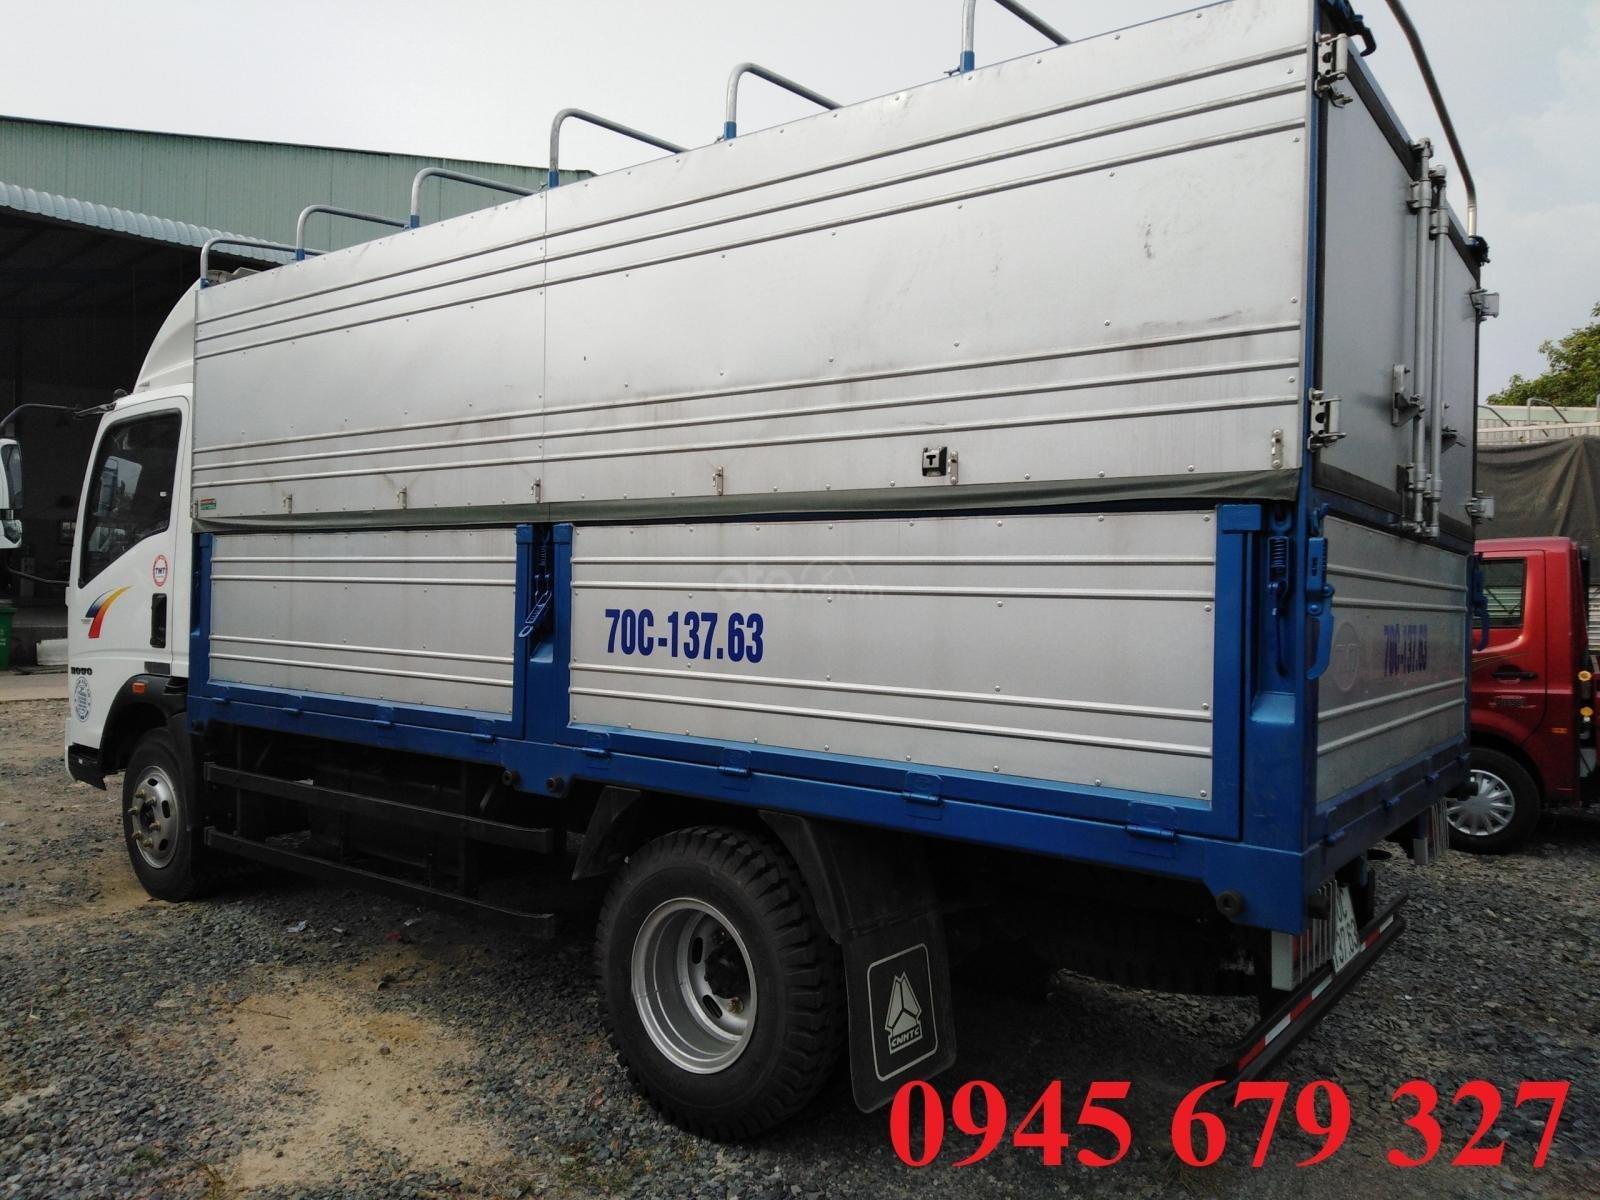 Thanh lý  xe tải Howo 6T, máy Isuzu ga cơ giá rẻ trảgóp (3)